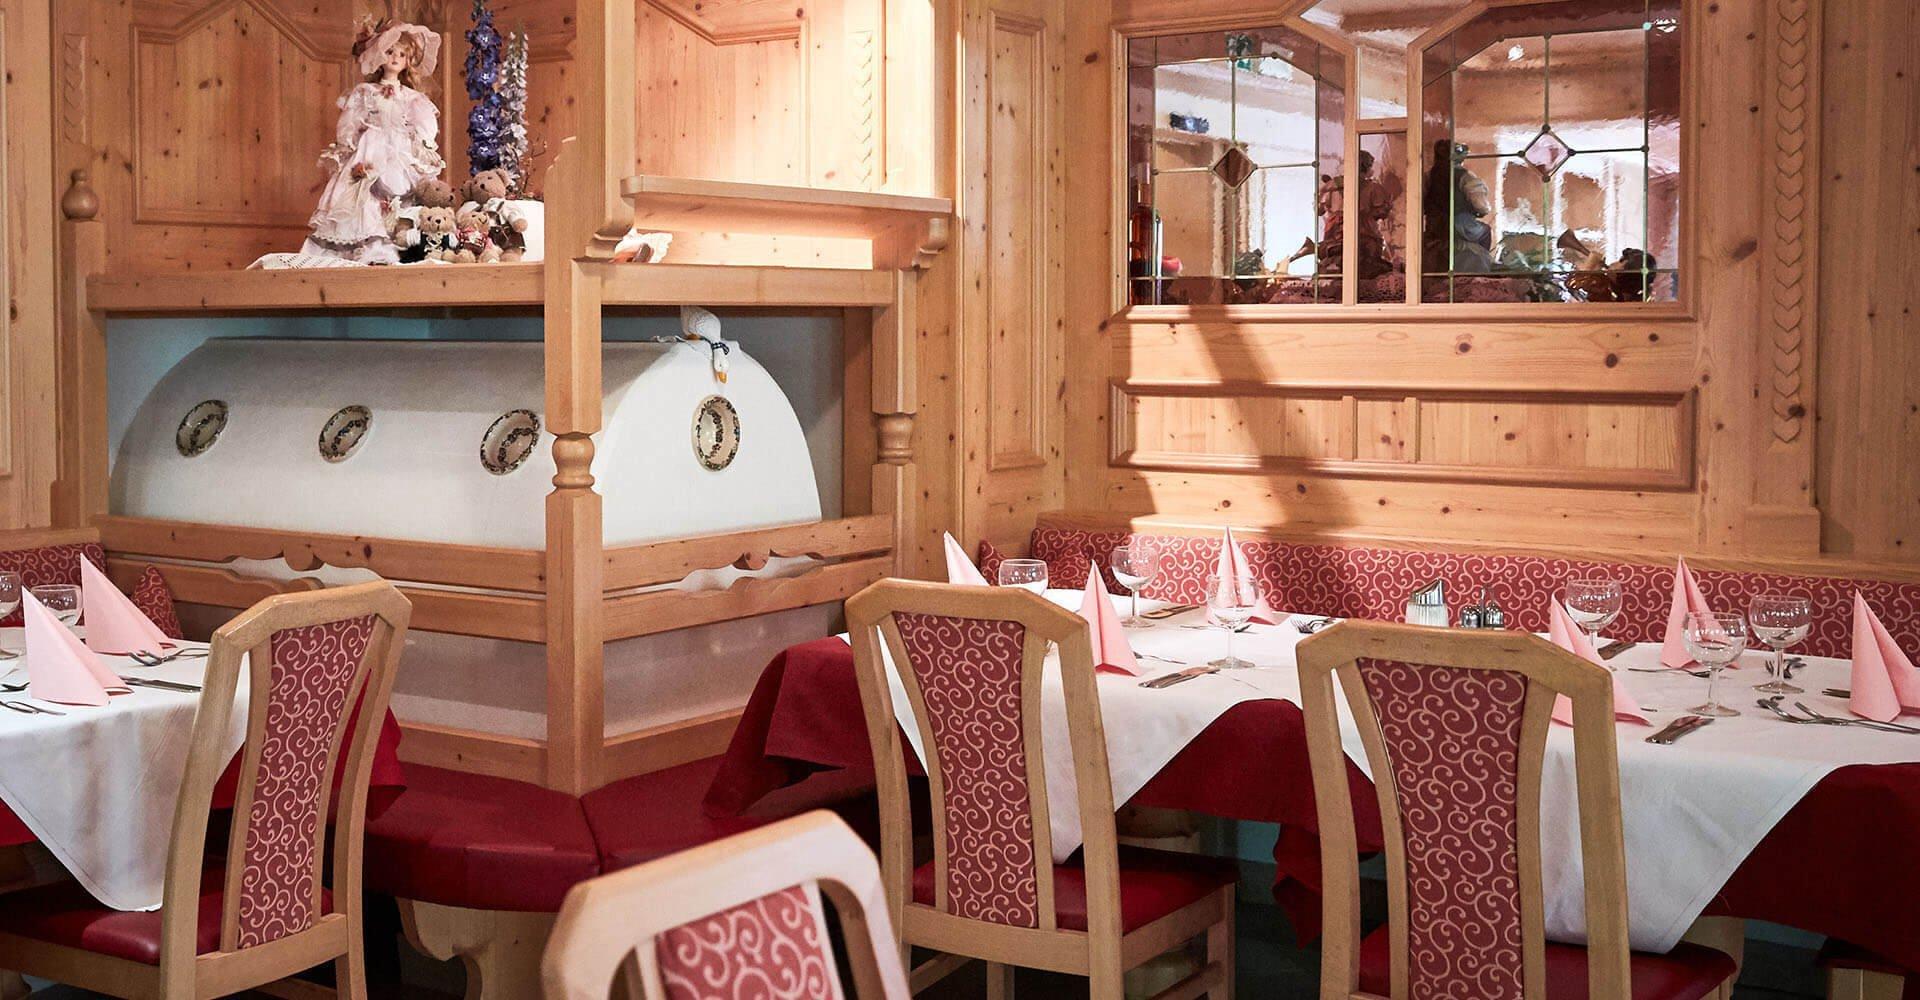 Lassen Sie es sich schmecken in unserem 3-Sterne-Hotel im Pustertal